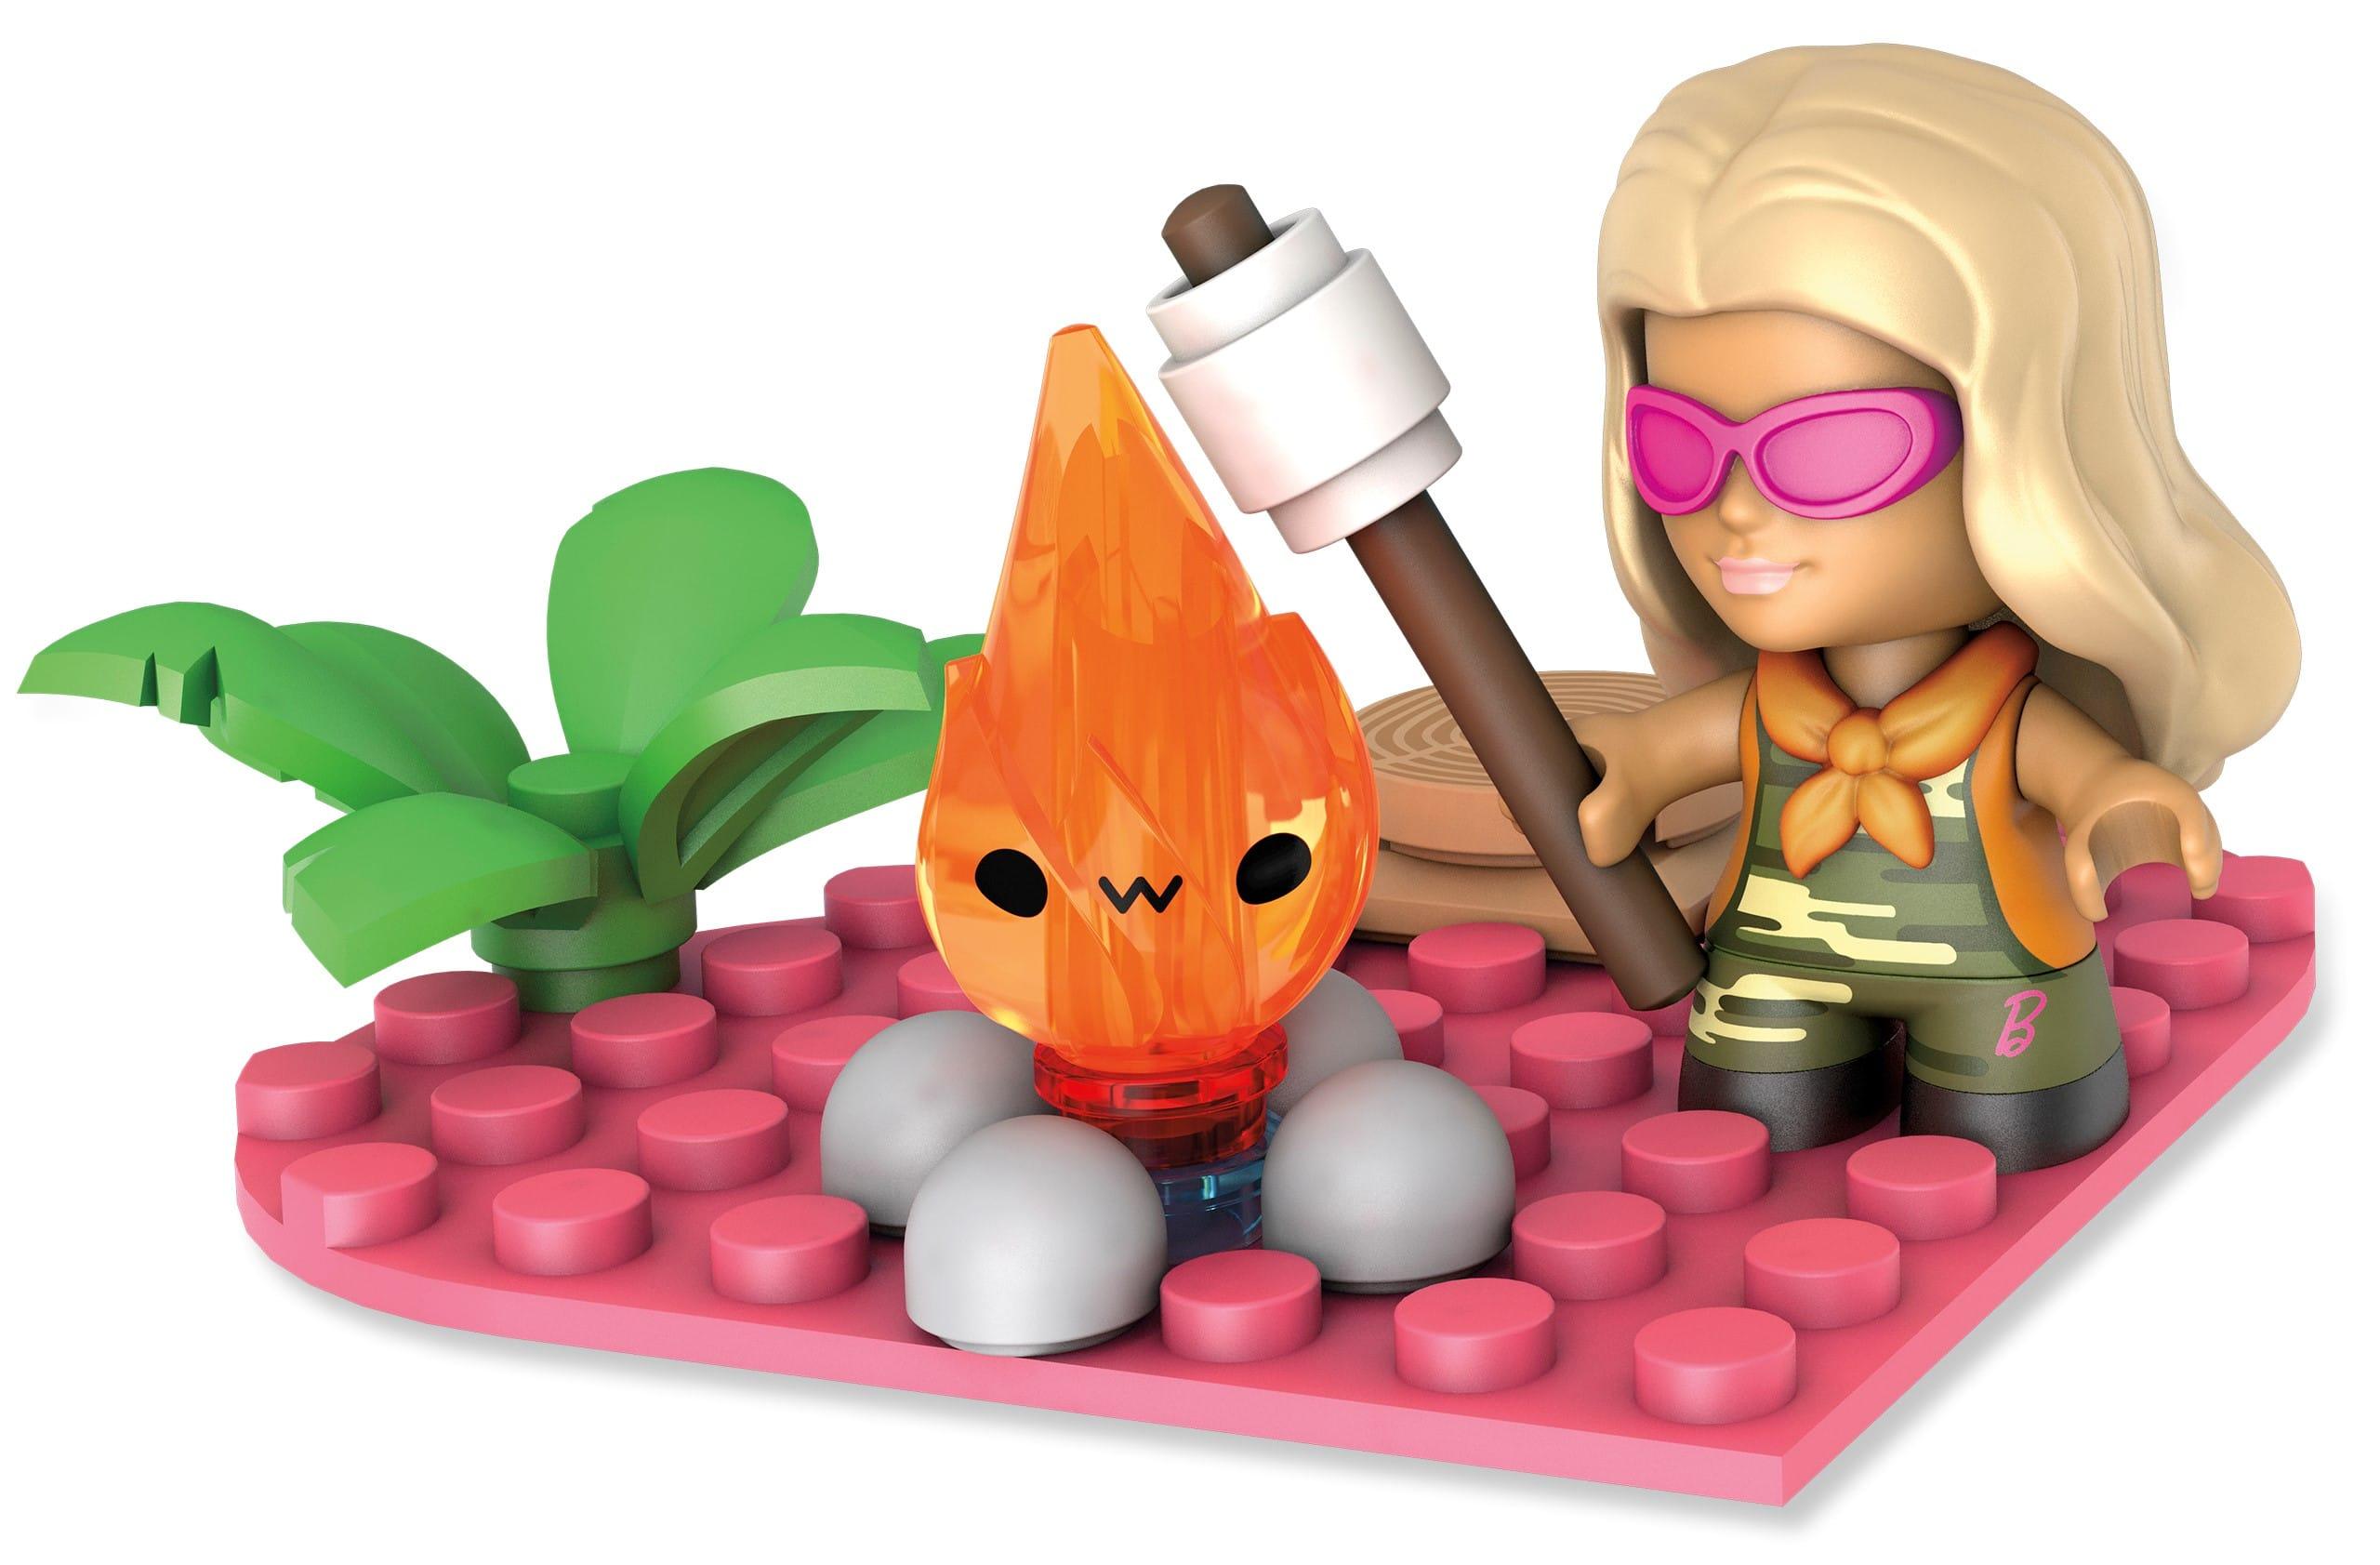 Mega Construx unveils Barbie-themed building sets 15